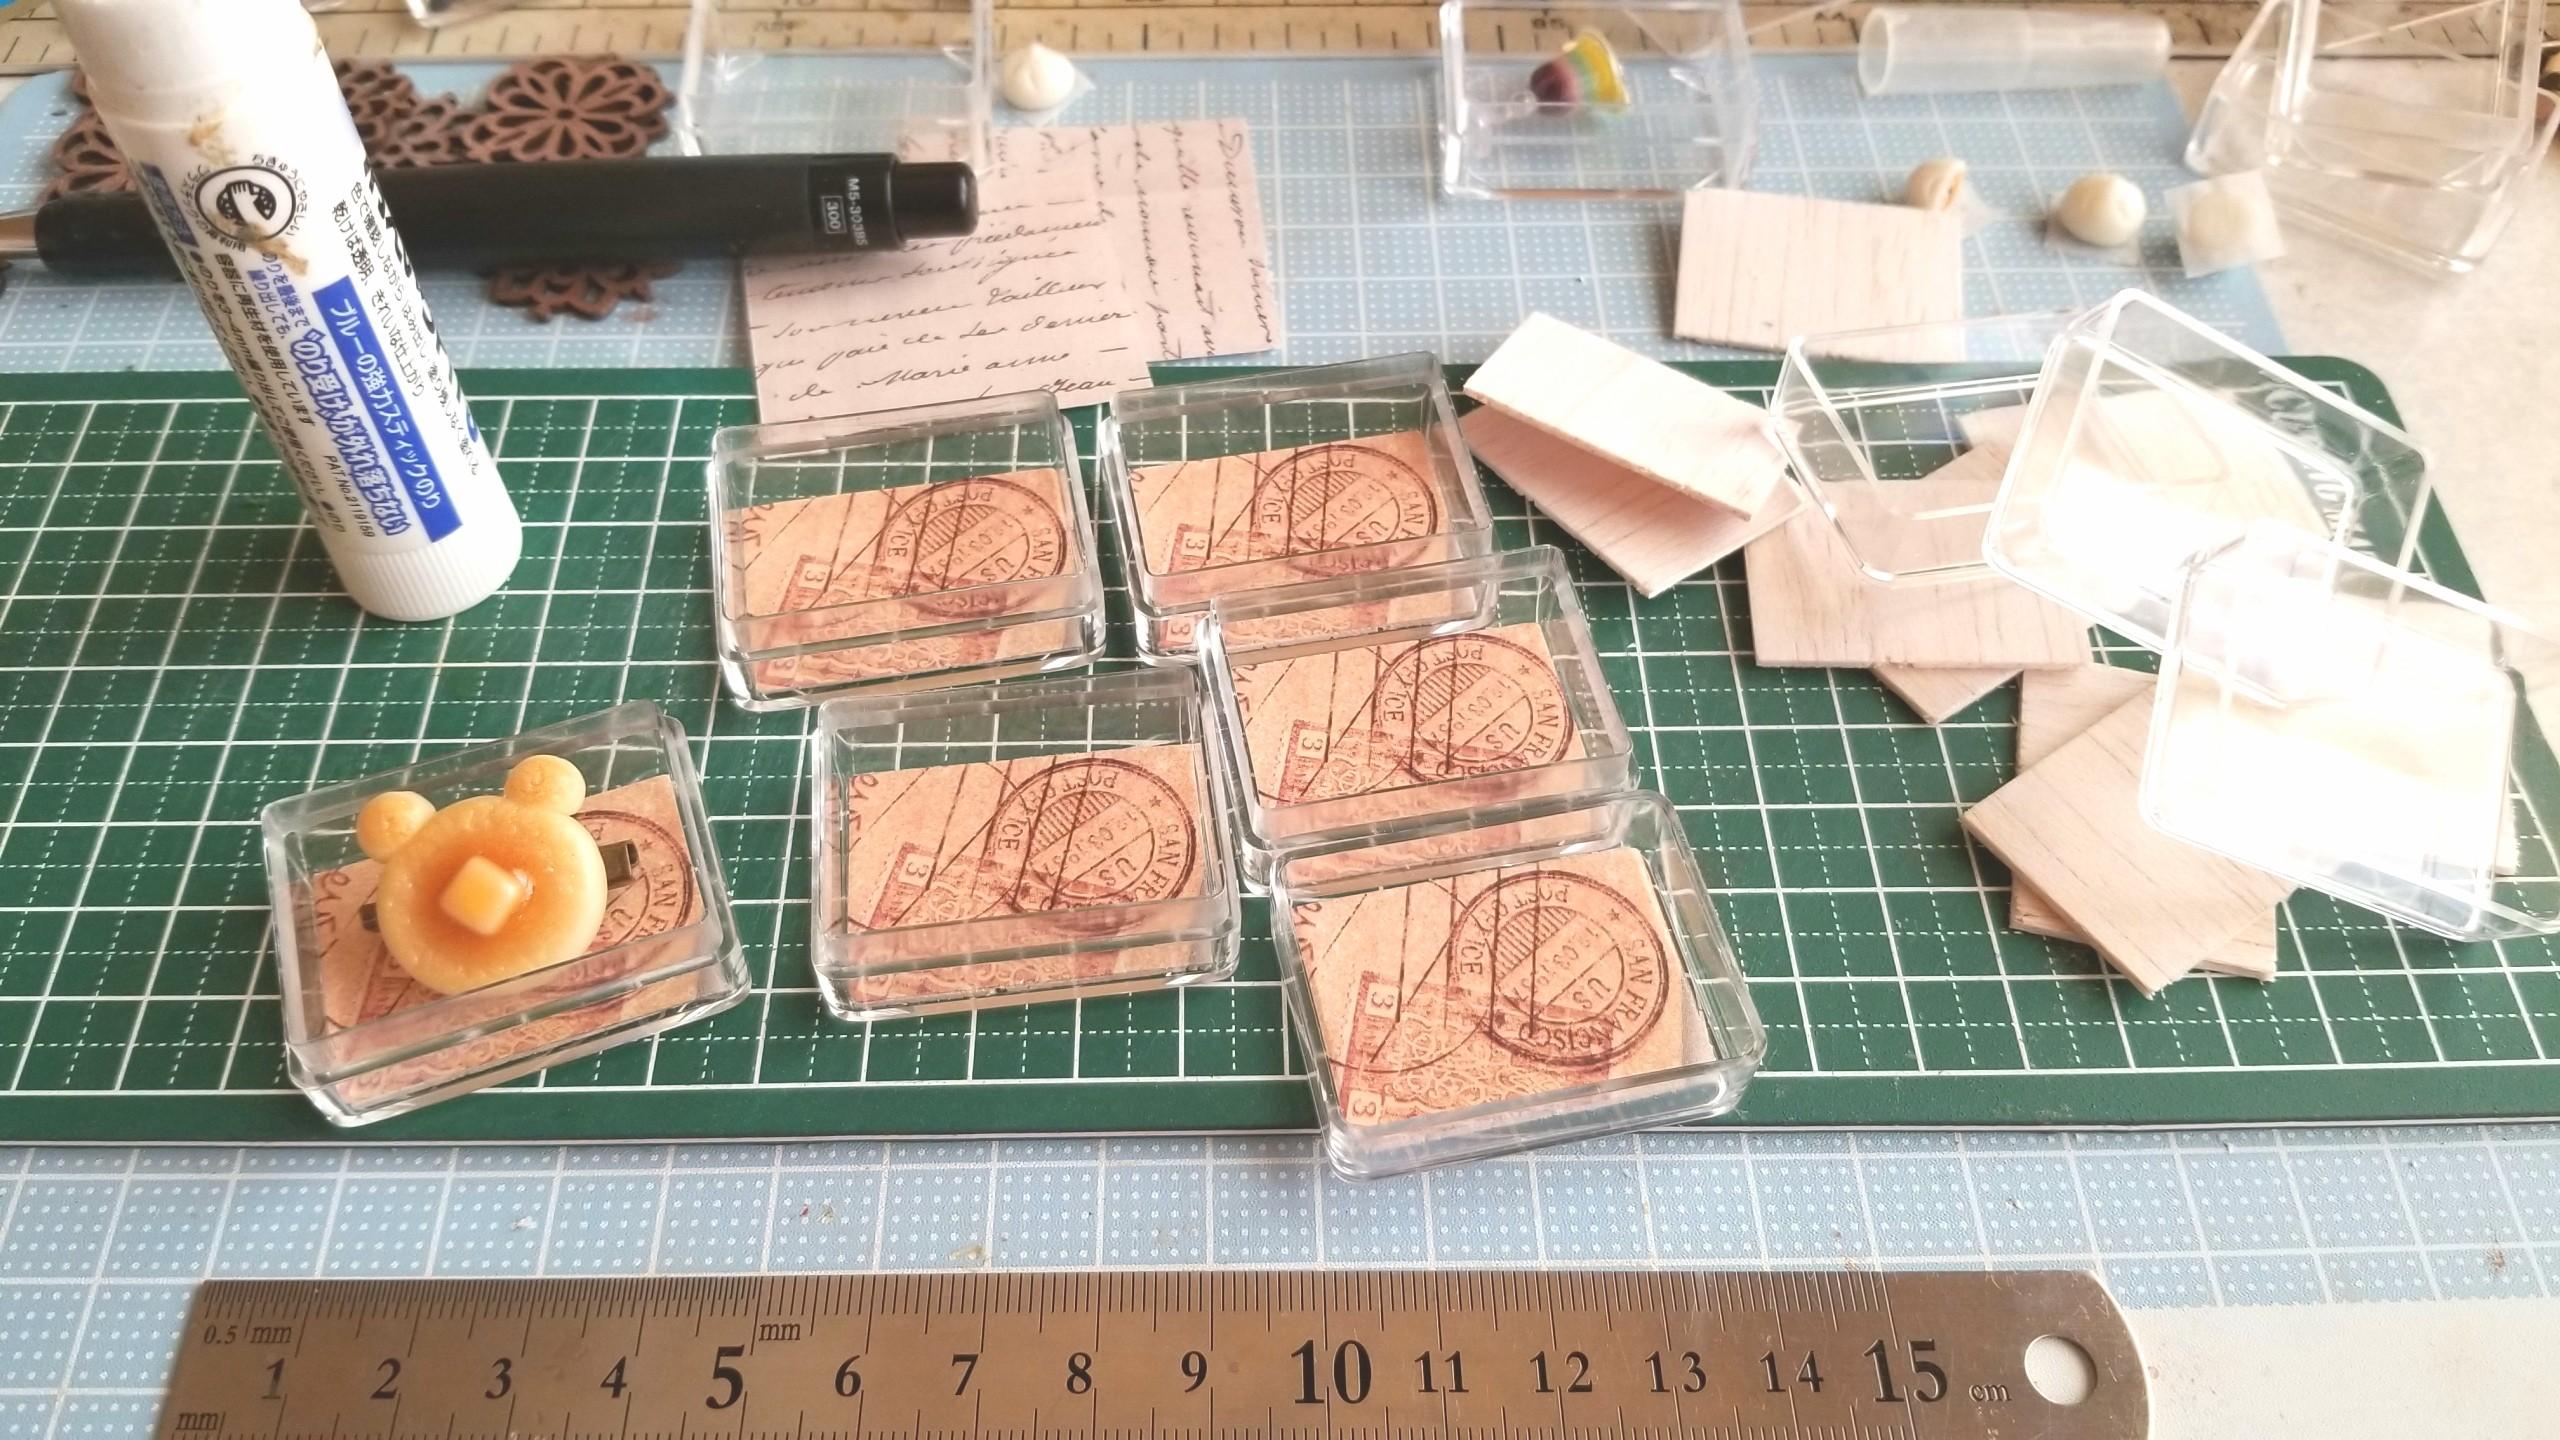 台紙,土台,作り方,クリアケース,ミニチュアフード,折り紙,樹脂粘土